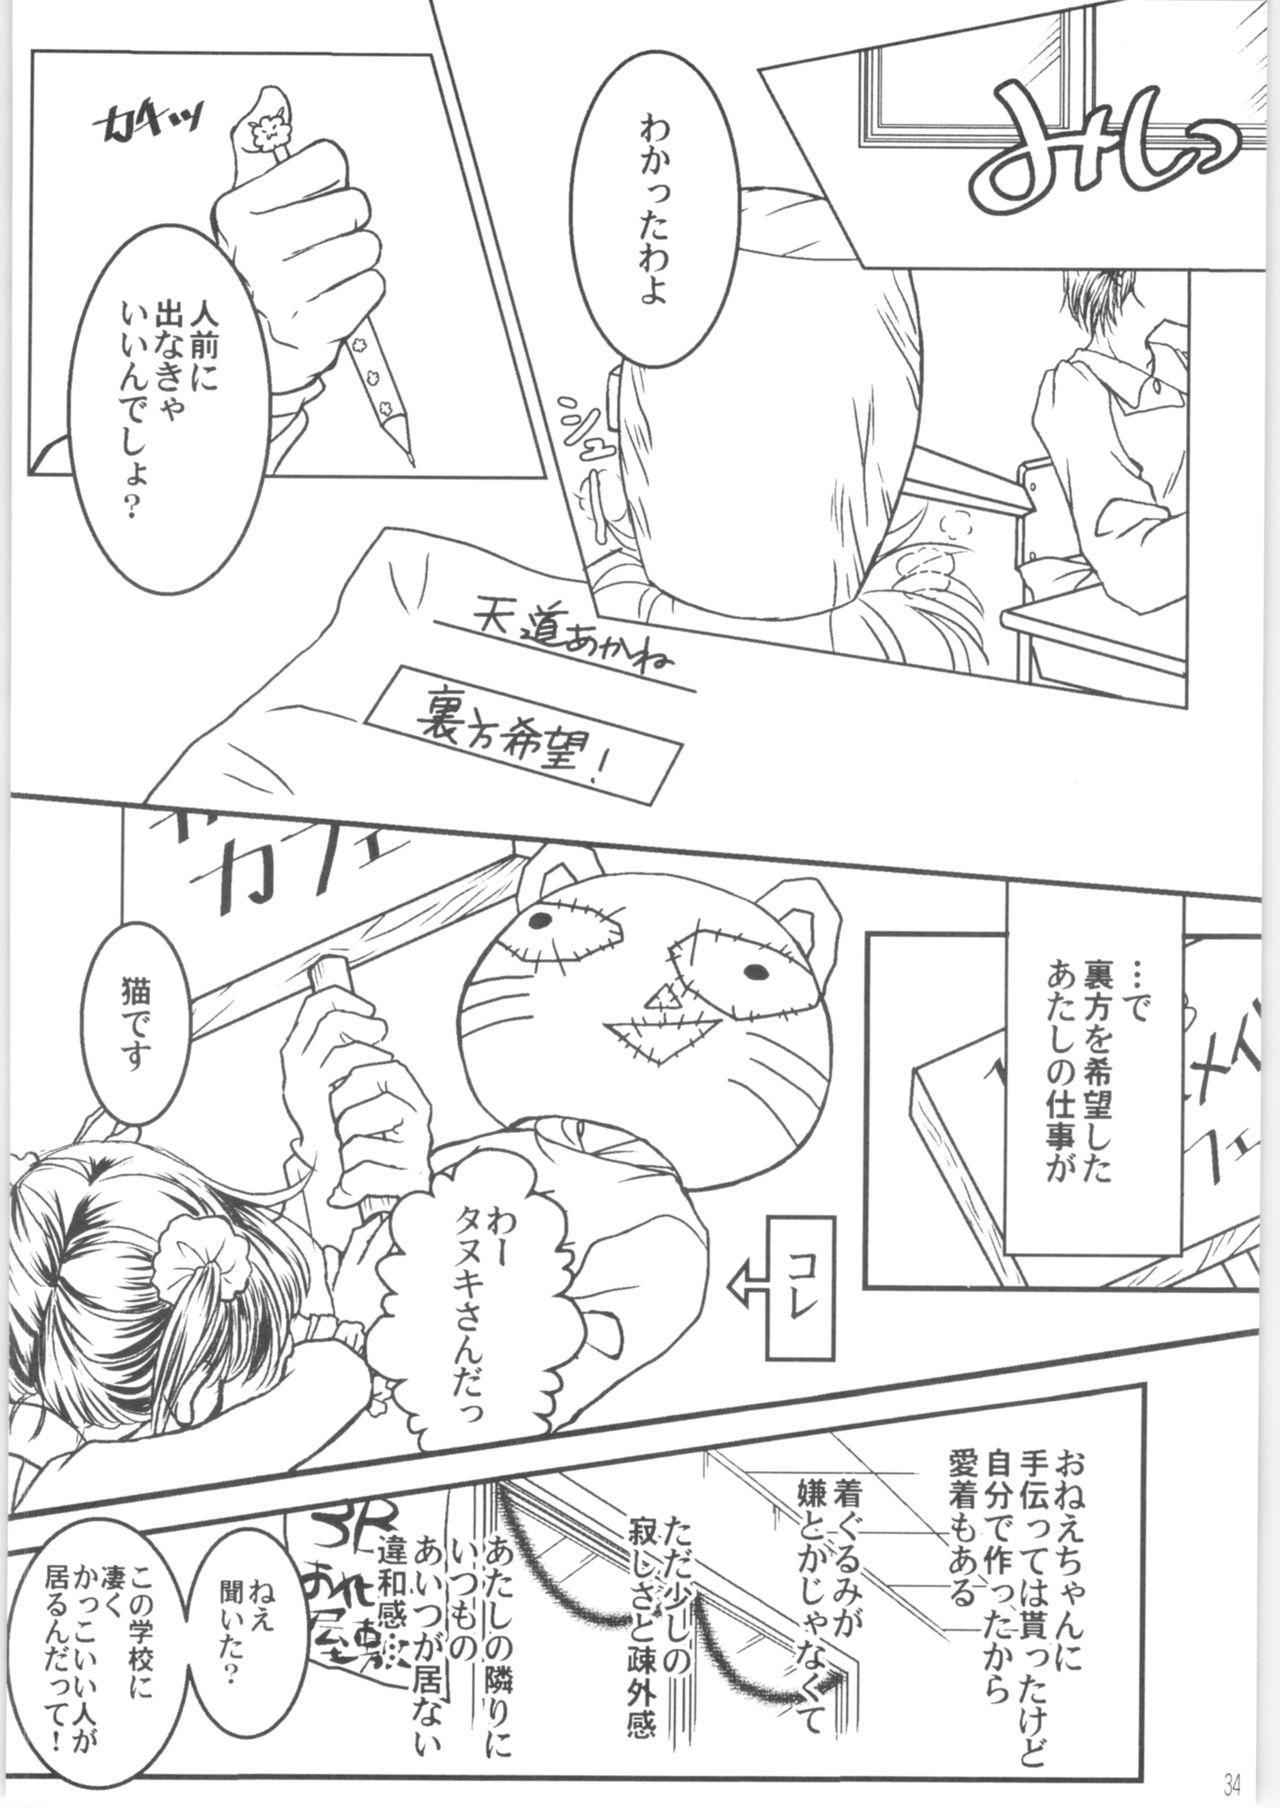 Iinazuke ga Neko ni Narimashite. 32